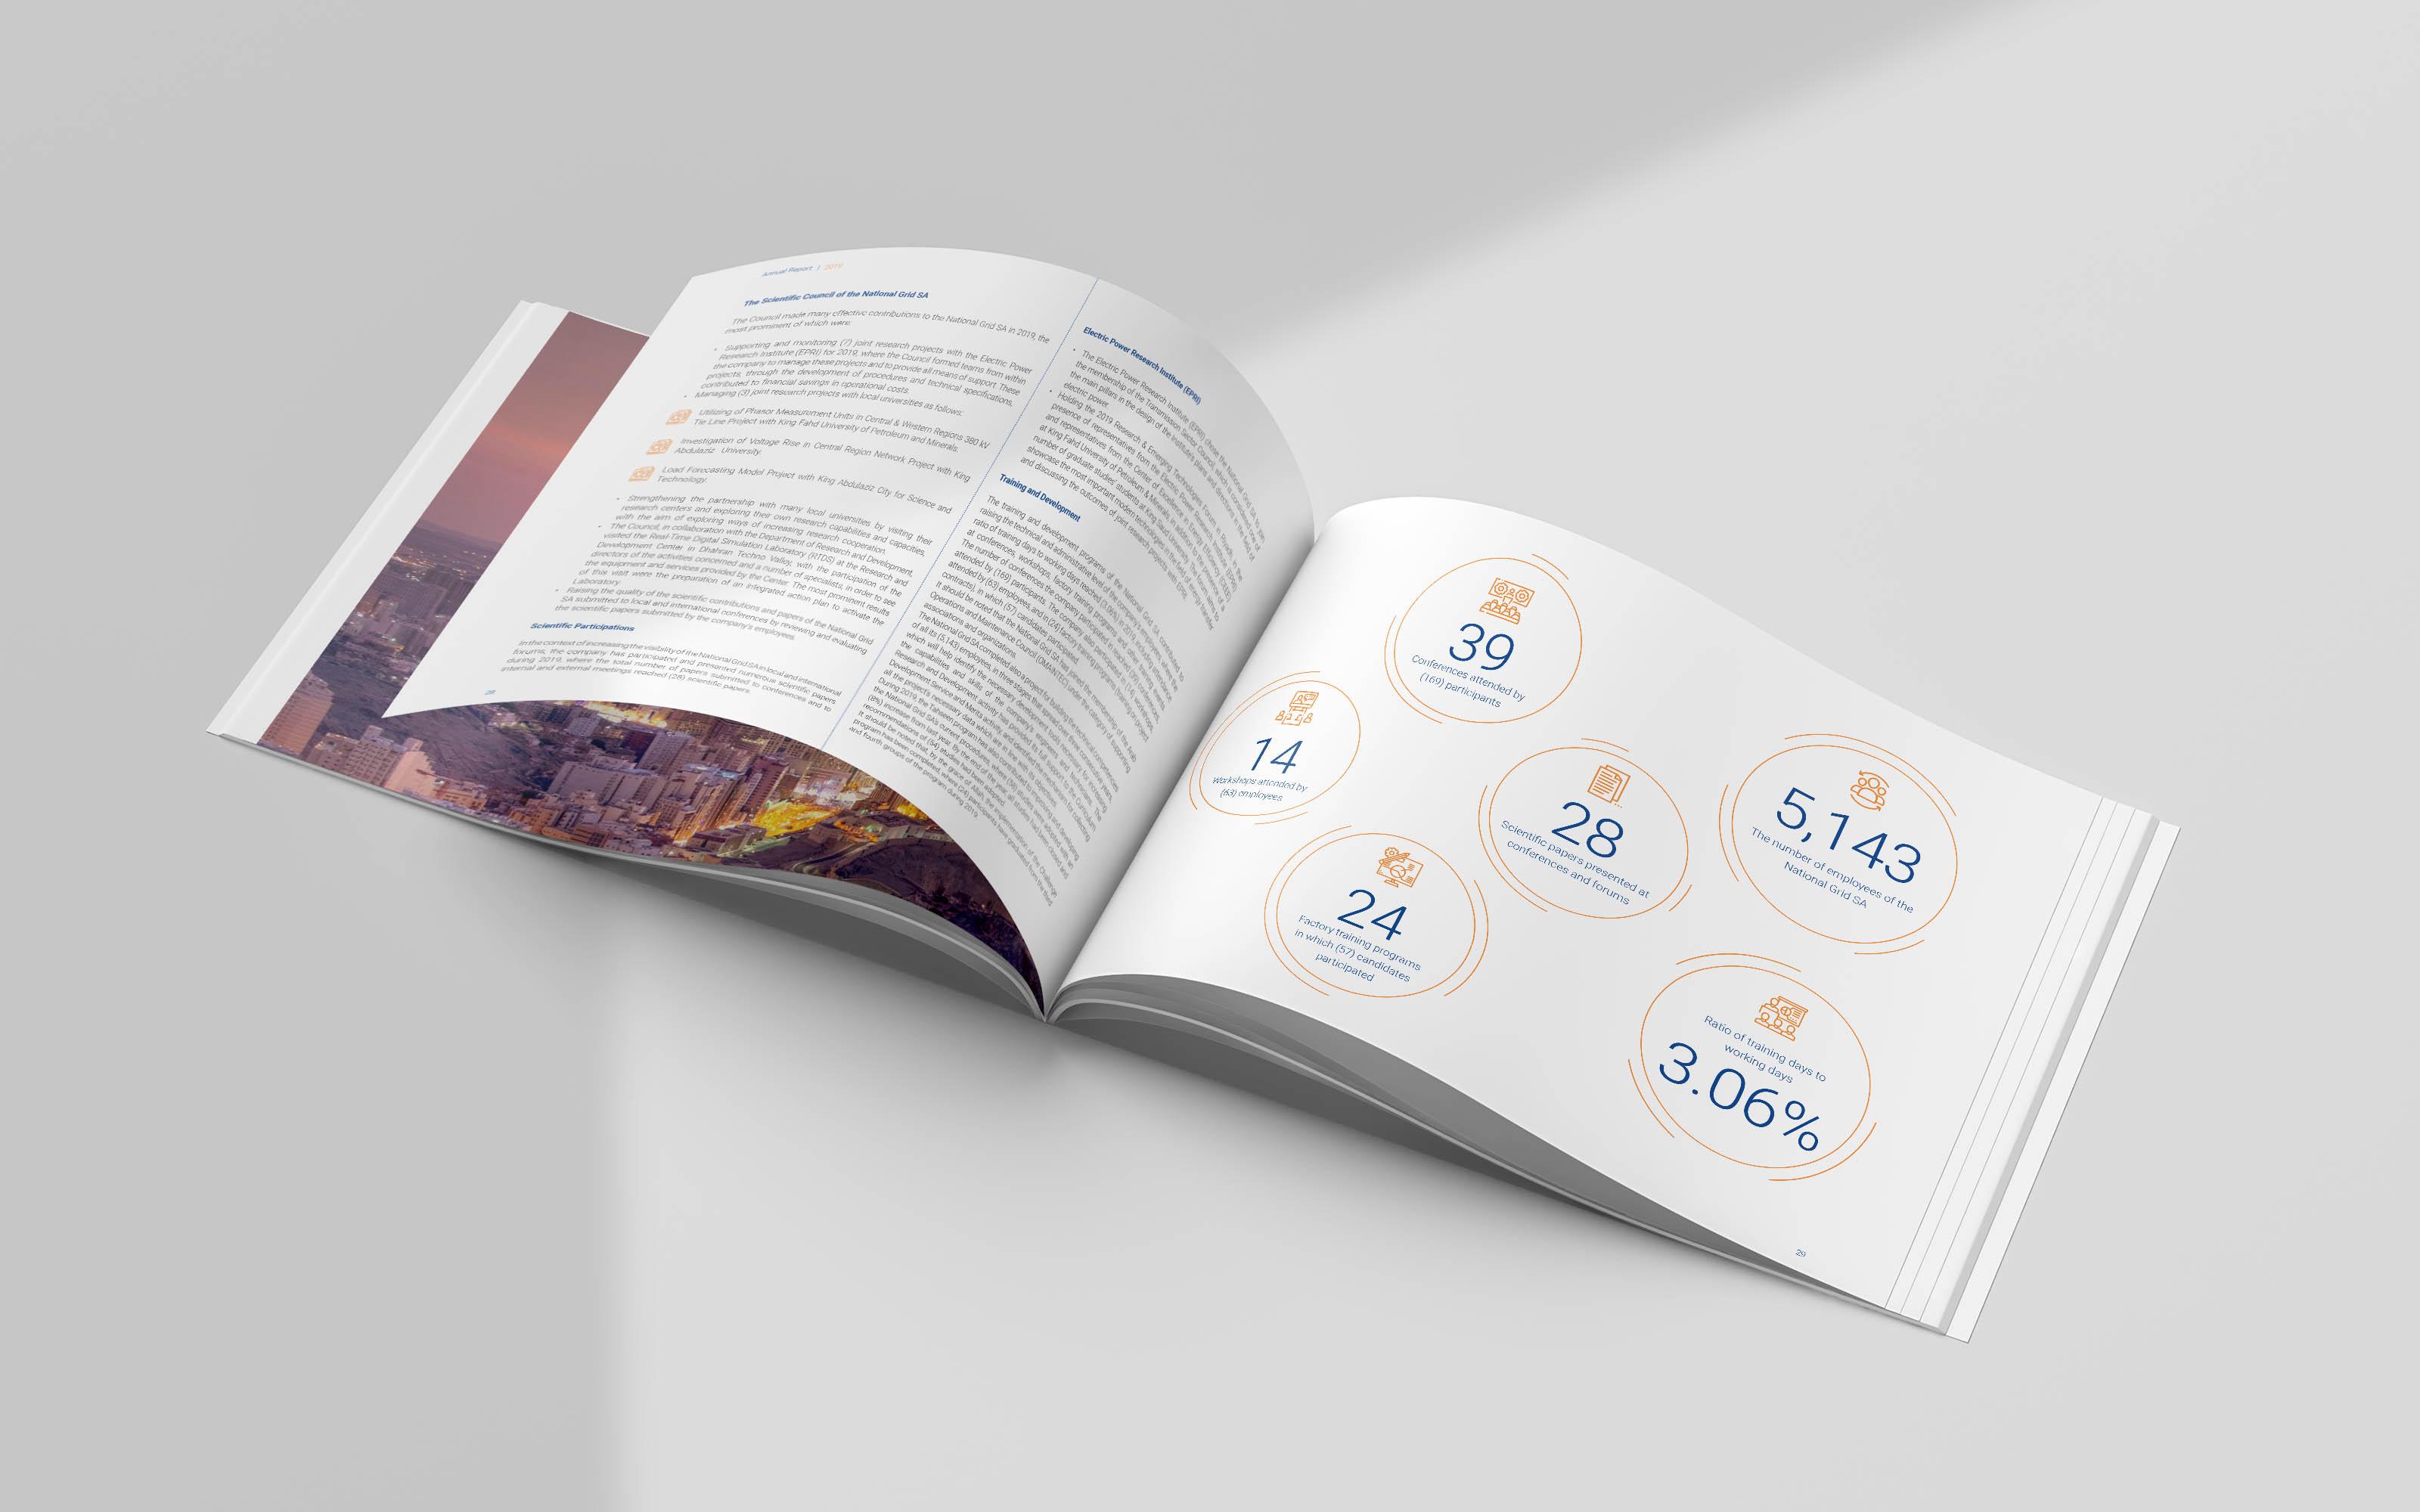 13_SE_2019_Annual Report